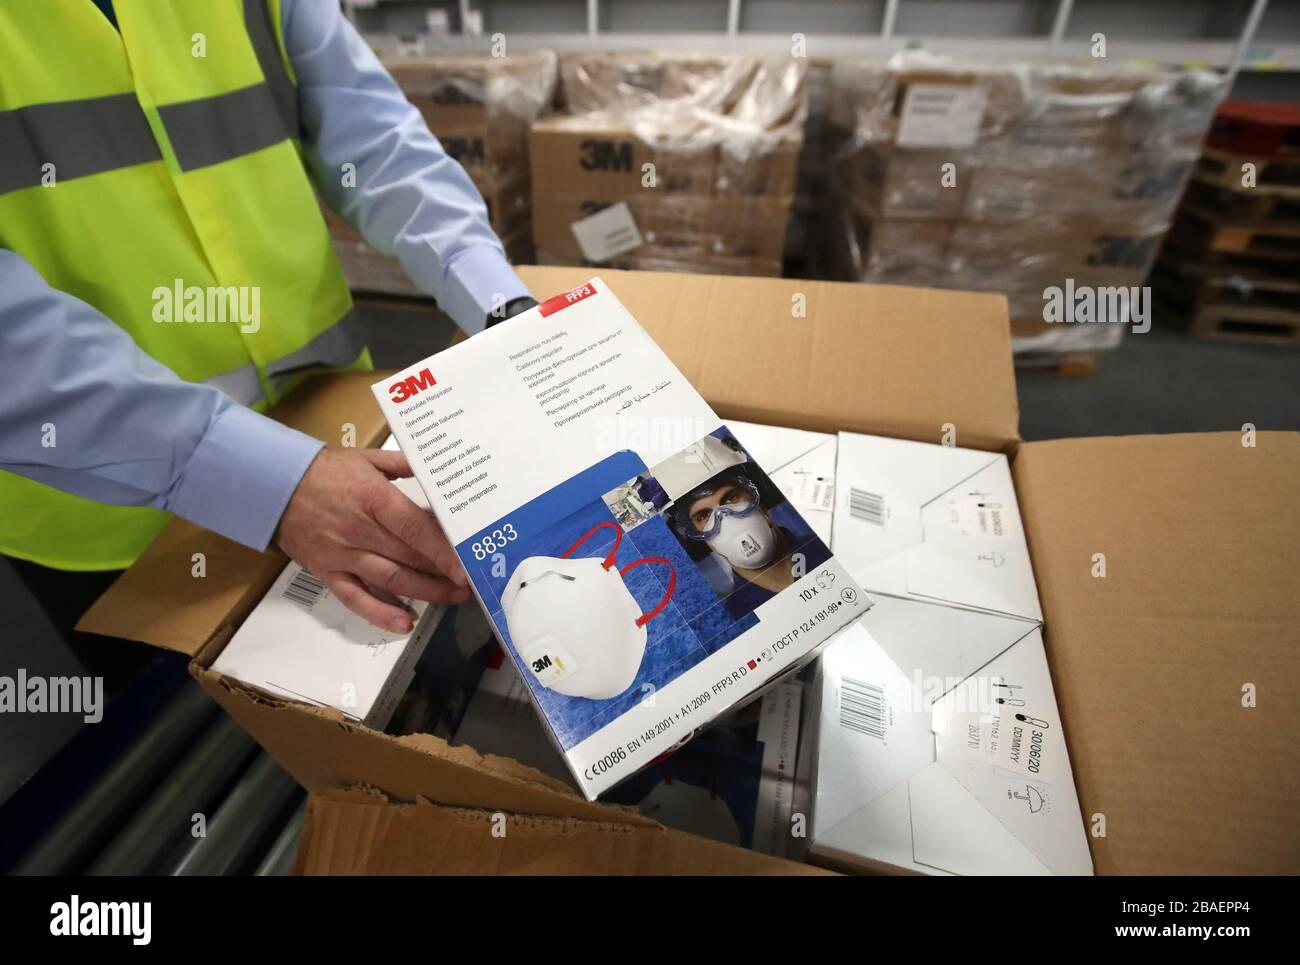 Jim Miller Director de Adquisiciones de NHS National Services Scotland tiene una caja de máscaras en el almacén Nacional de Adquisiciones de NHS en Canderside, Larkhall, ya que se están aumentando las entregas de equipo de protección personal (PPE), con millones de máscaras y guantes ya entregados al personal de primera línea. Foto de stock